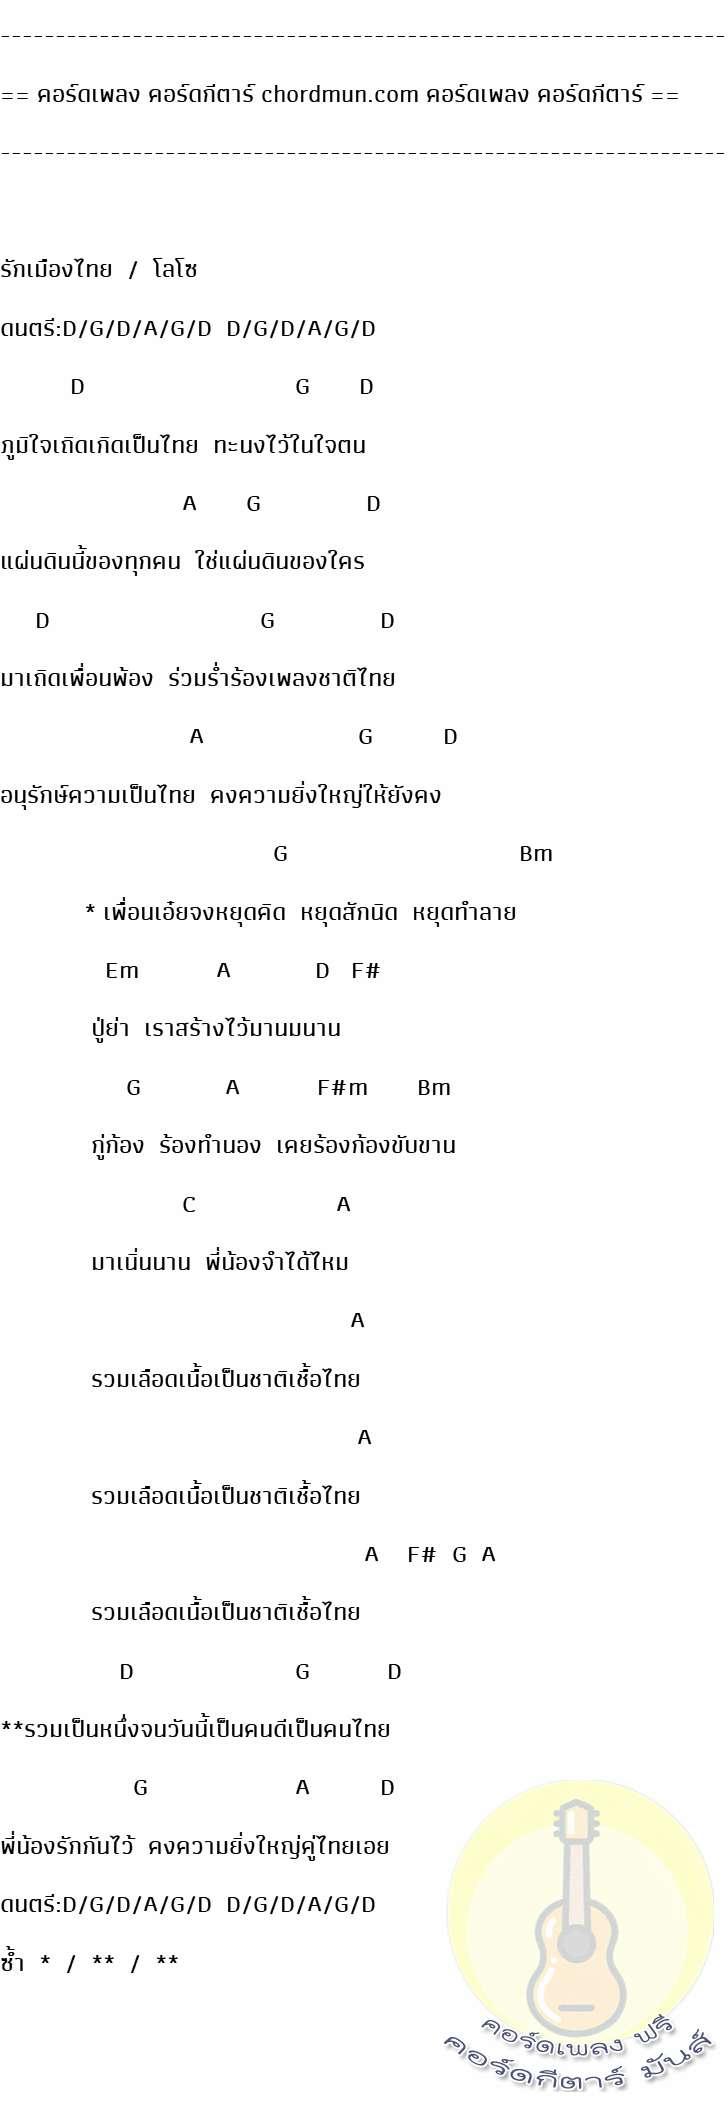 ตารางคอร์ดกีต้าร์  เพลง รักเมืองไทย